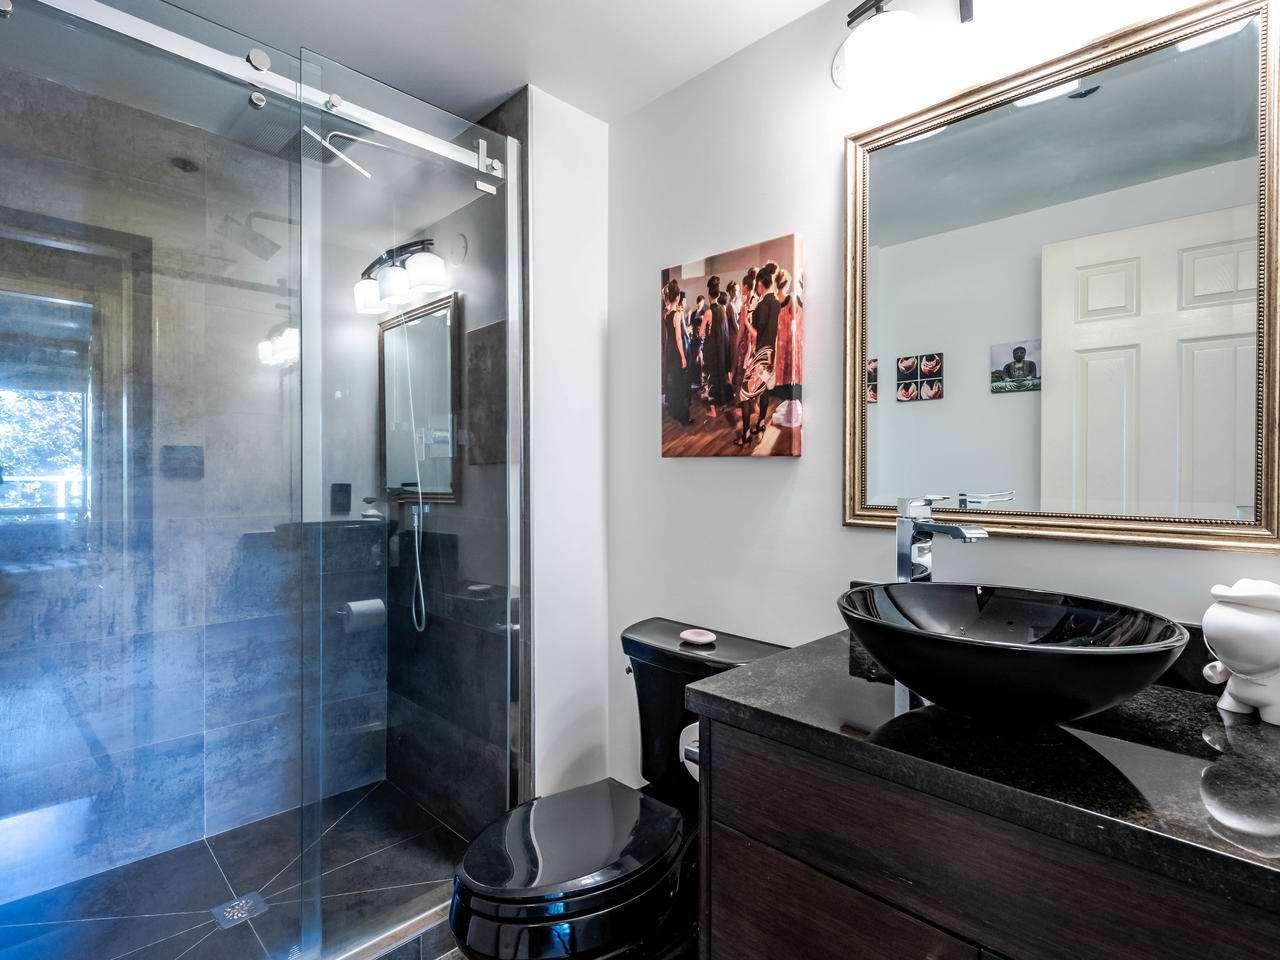 303 2288 W 12TH AVENUE - Kitsilano Apartment/Condo for sale, 2 Bedrooms (R2468075) - #36